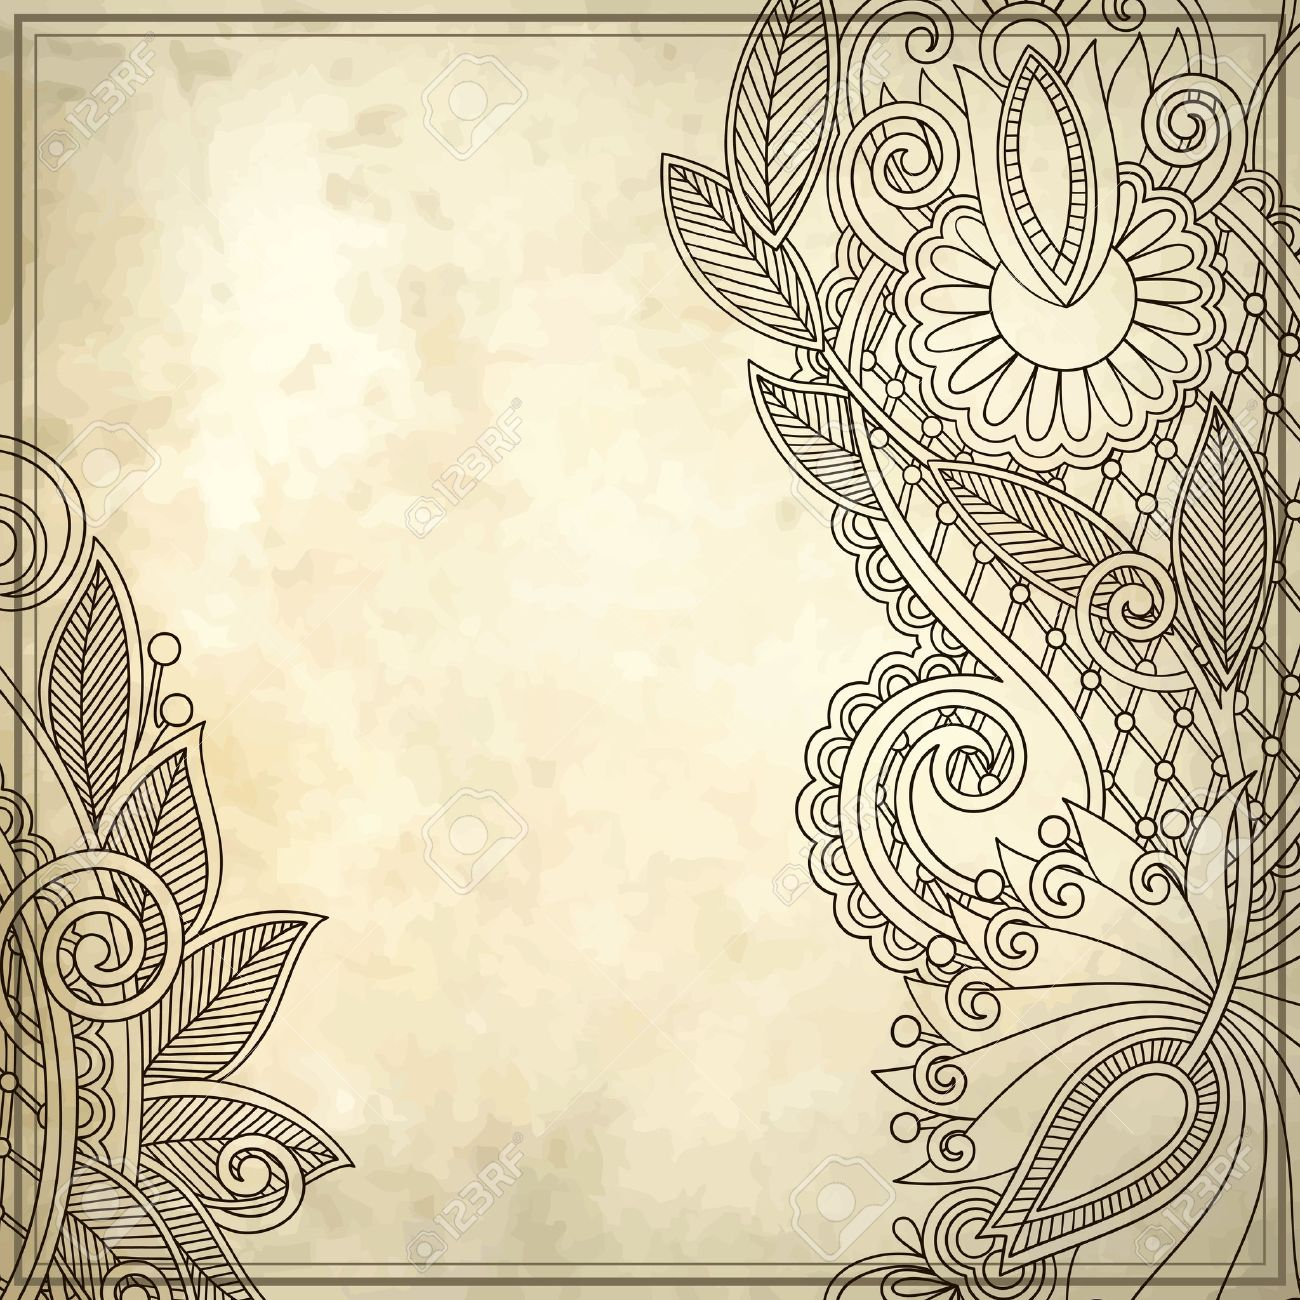 Old, Ink, Art, Leaf, Card, Note, Blank, Retro, Frame, Paper ...